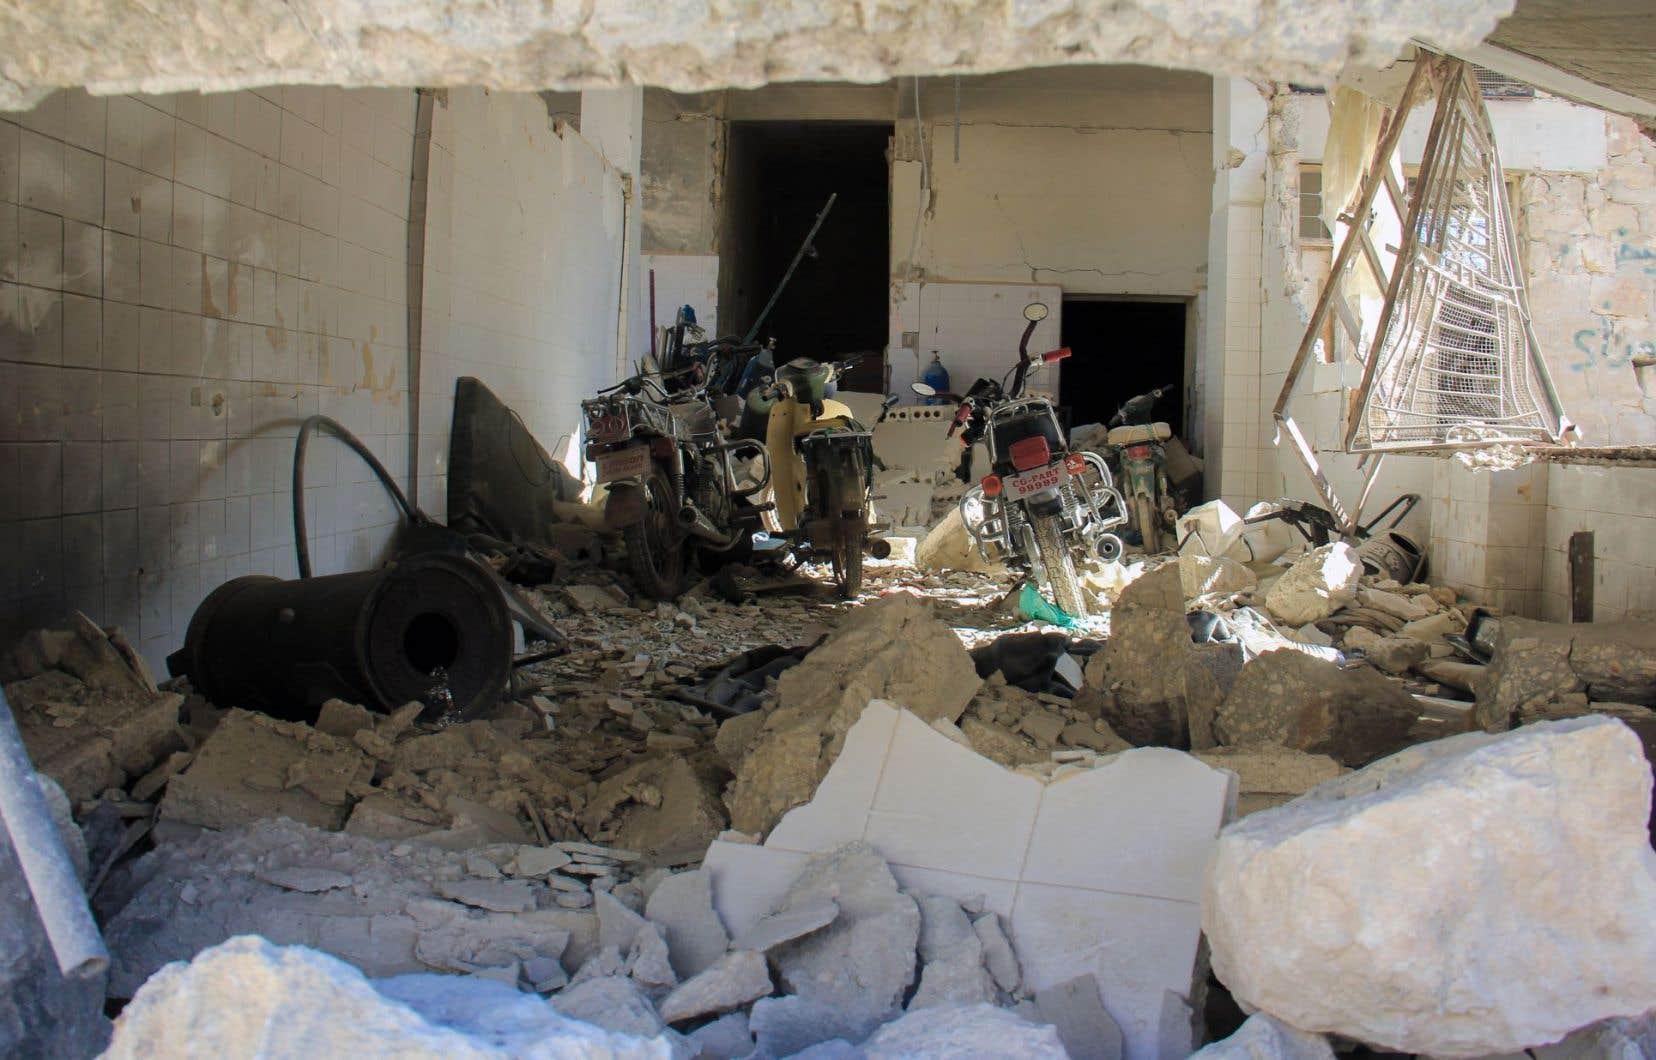 L'attaque àKhan Cheikhoun a fait 86 morts. L'hôpital où étaient soignés les blessés a ensuite été bombardé.